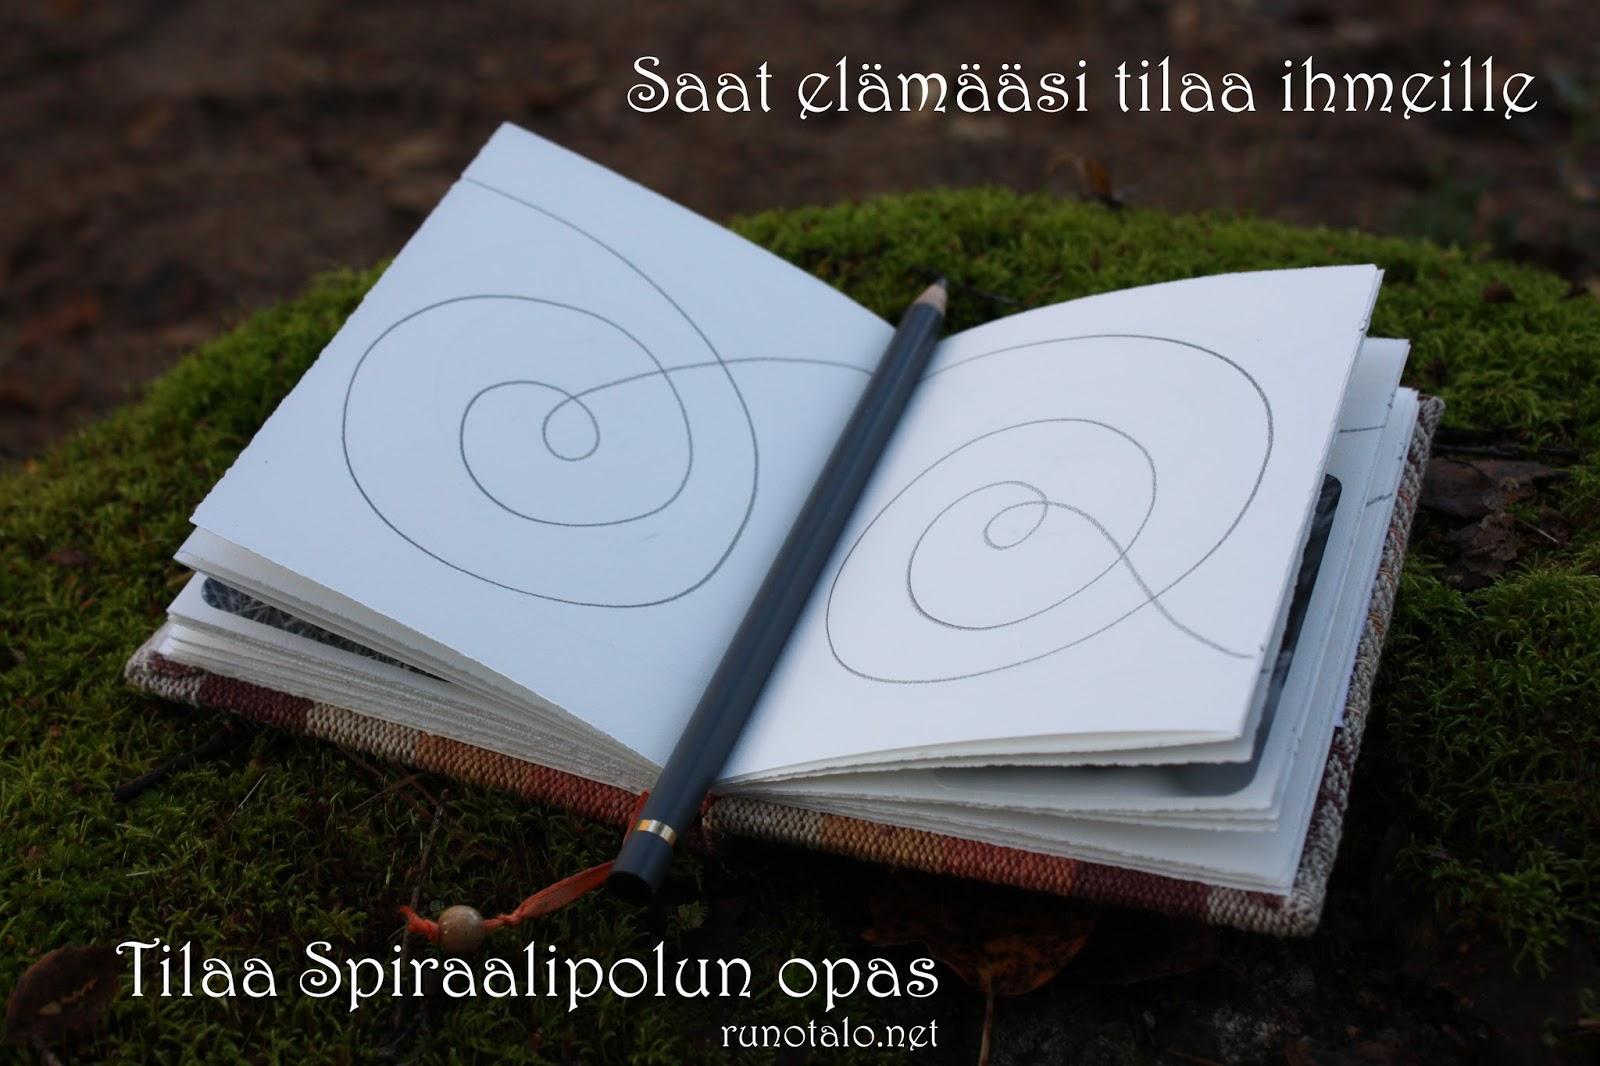 Tilaa Spiraalipolun opas